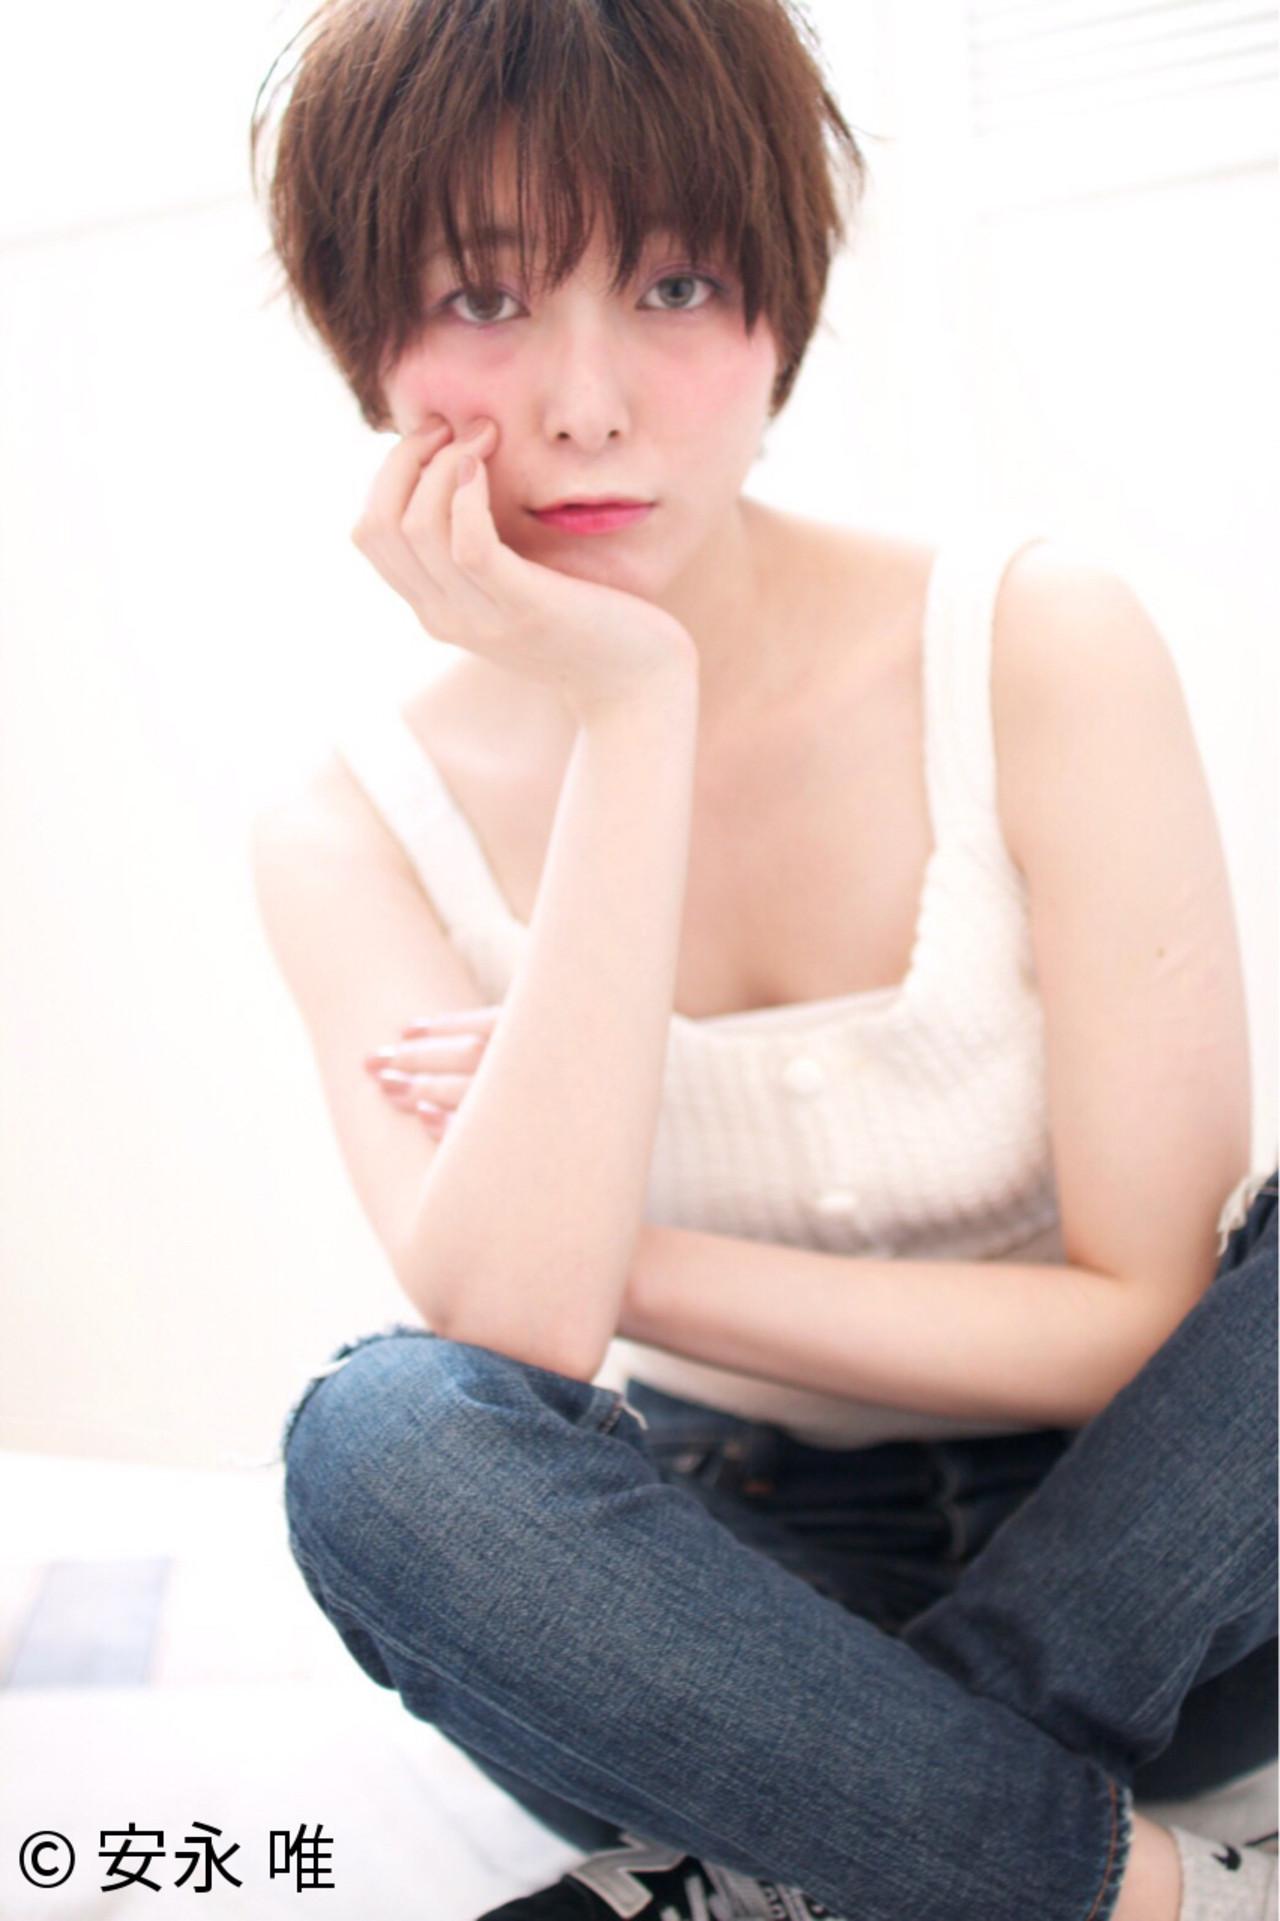 ピュア ガーリー ショート ストレート ヘアスタイルや髪型の写真・画像